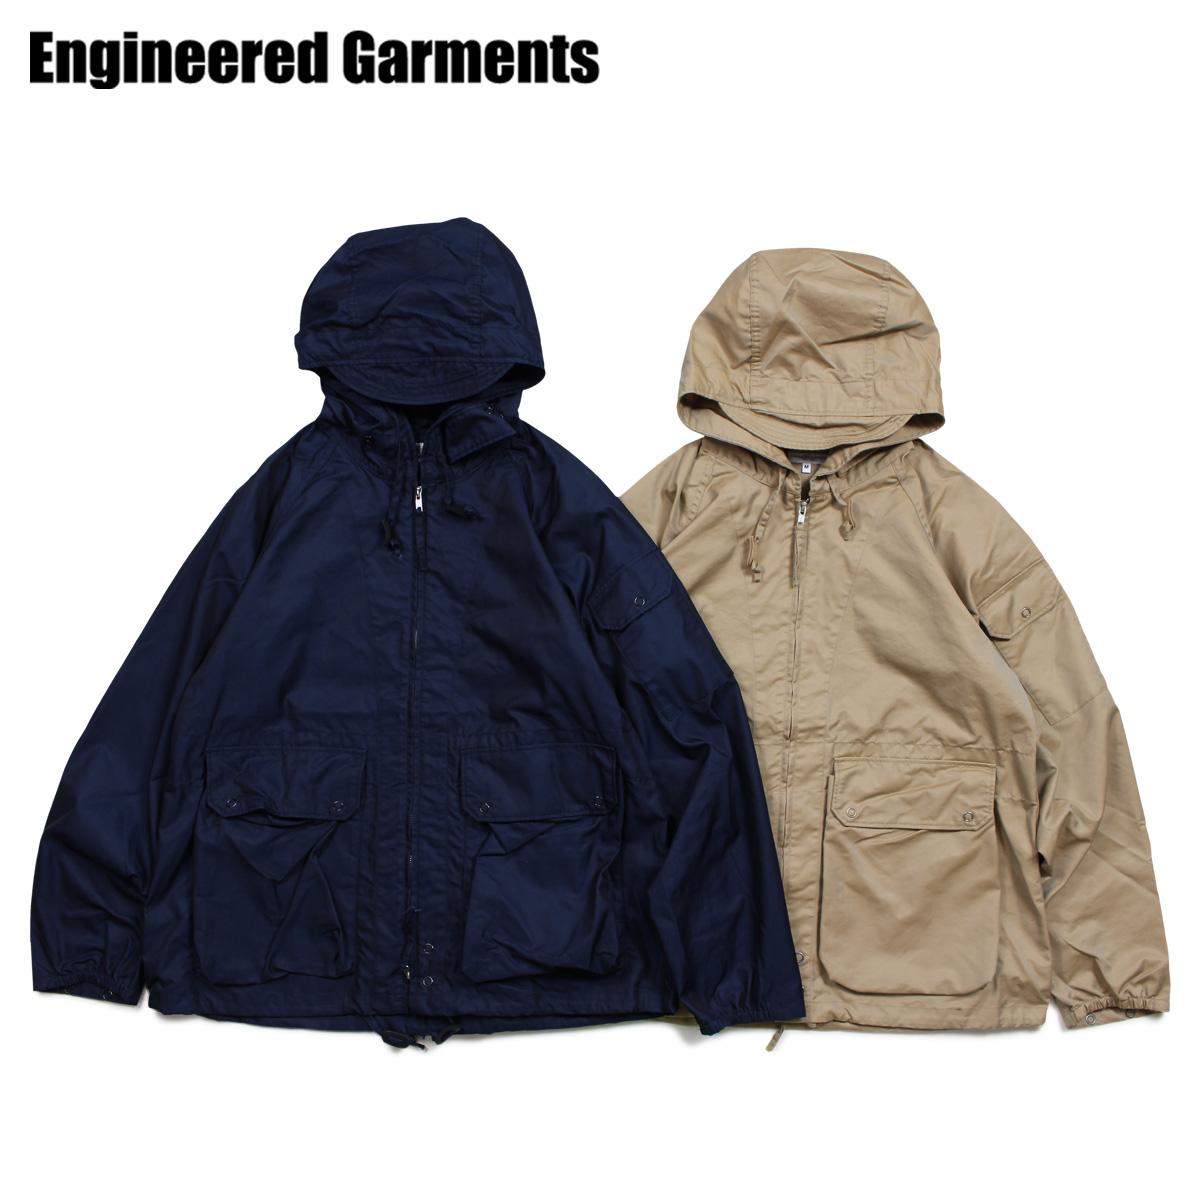 ENGINEERED GARMENTS エンジニアドガーメンツ ジャケット マウンテンパーカー メンズ ATLANTIC PARKA ネイビー カーキ 19SD010